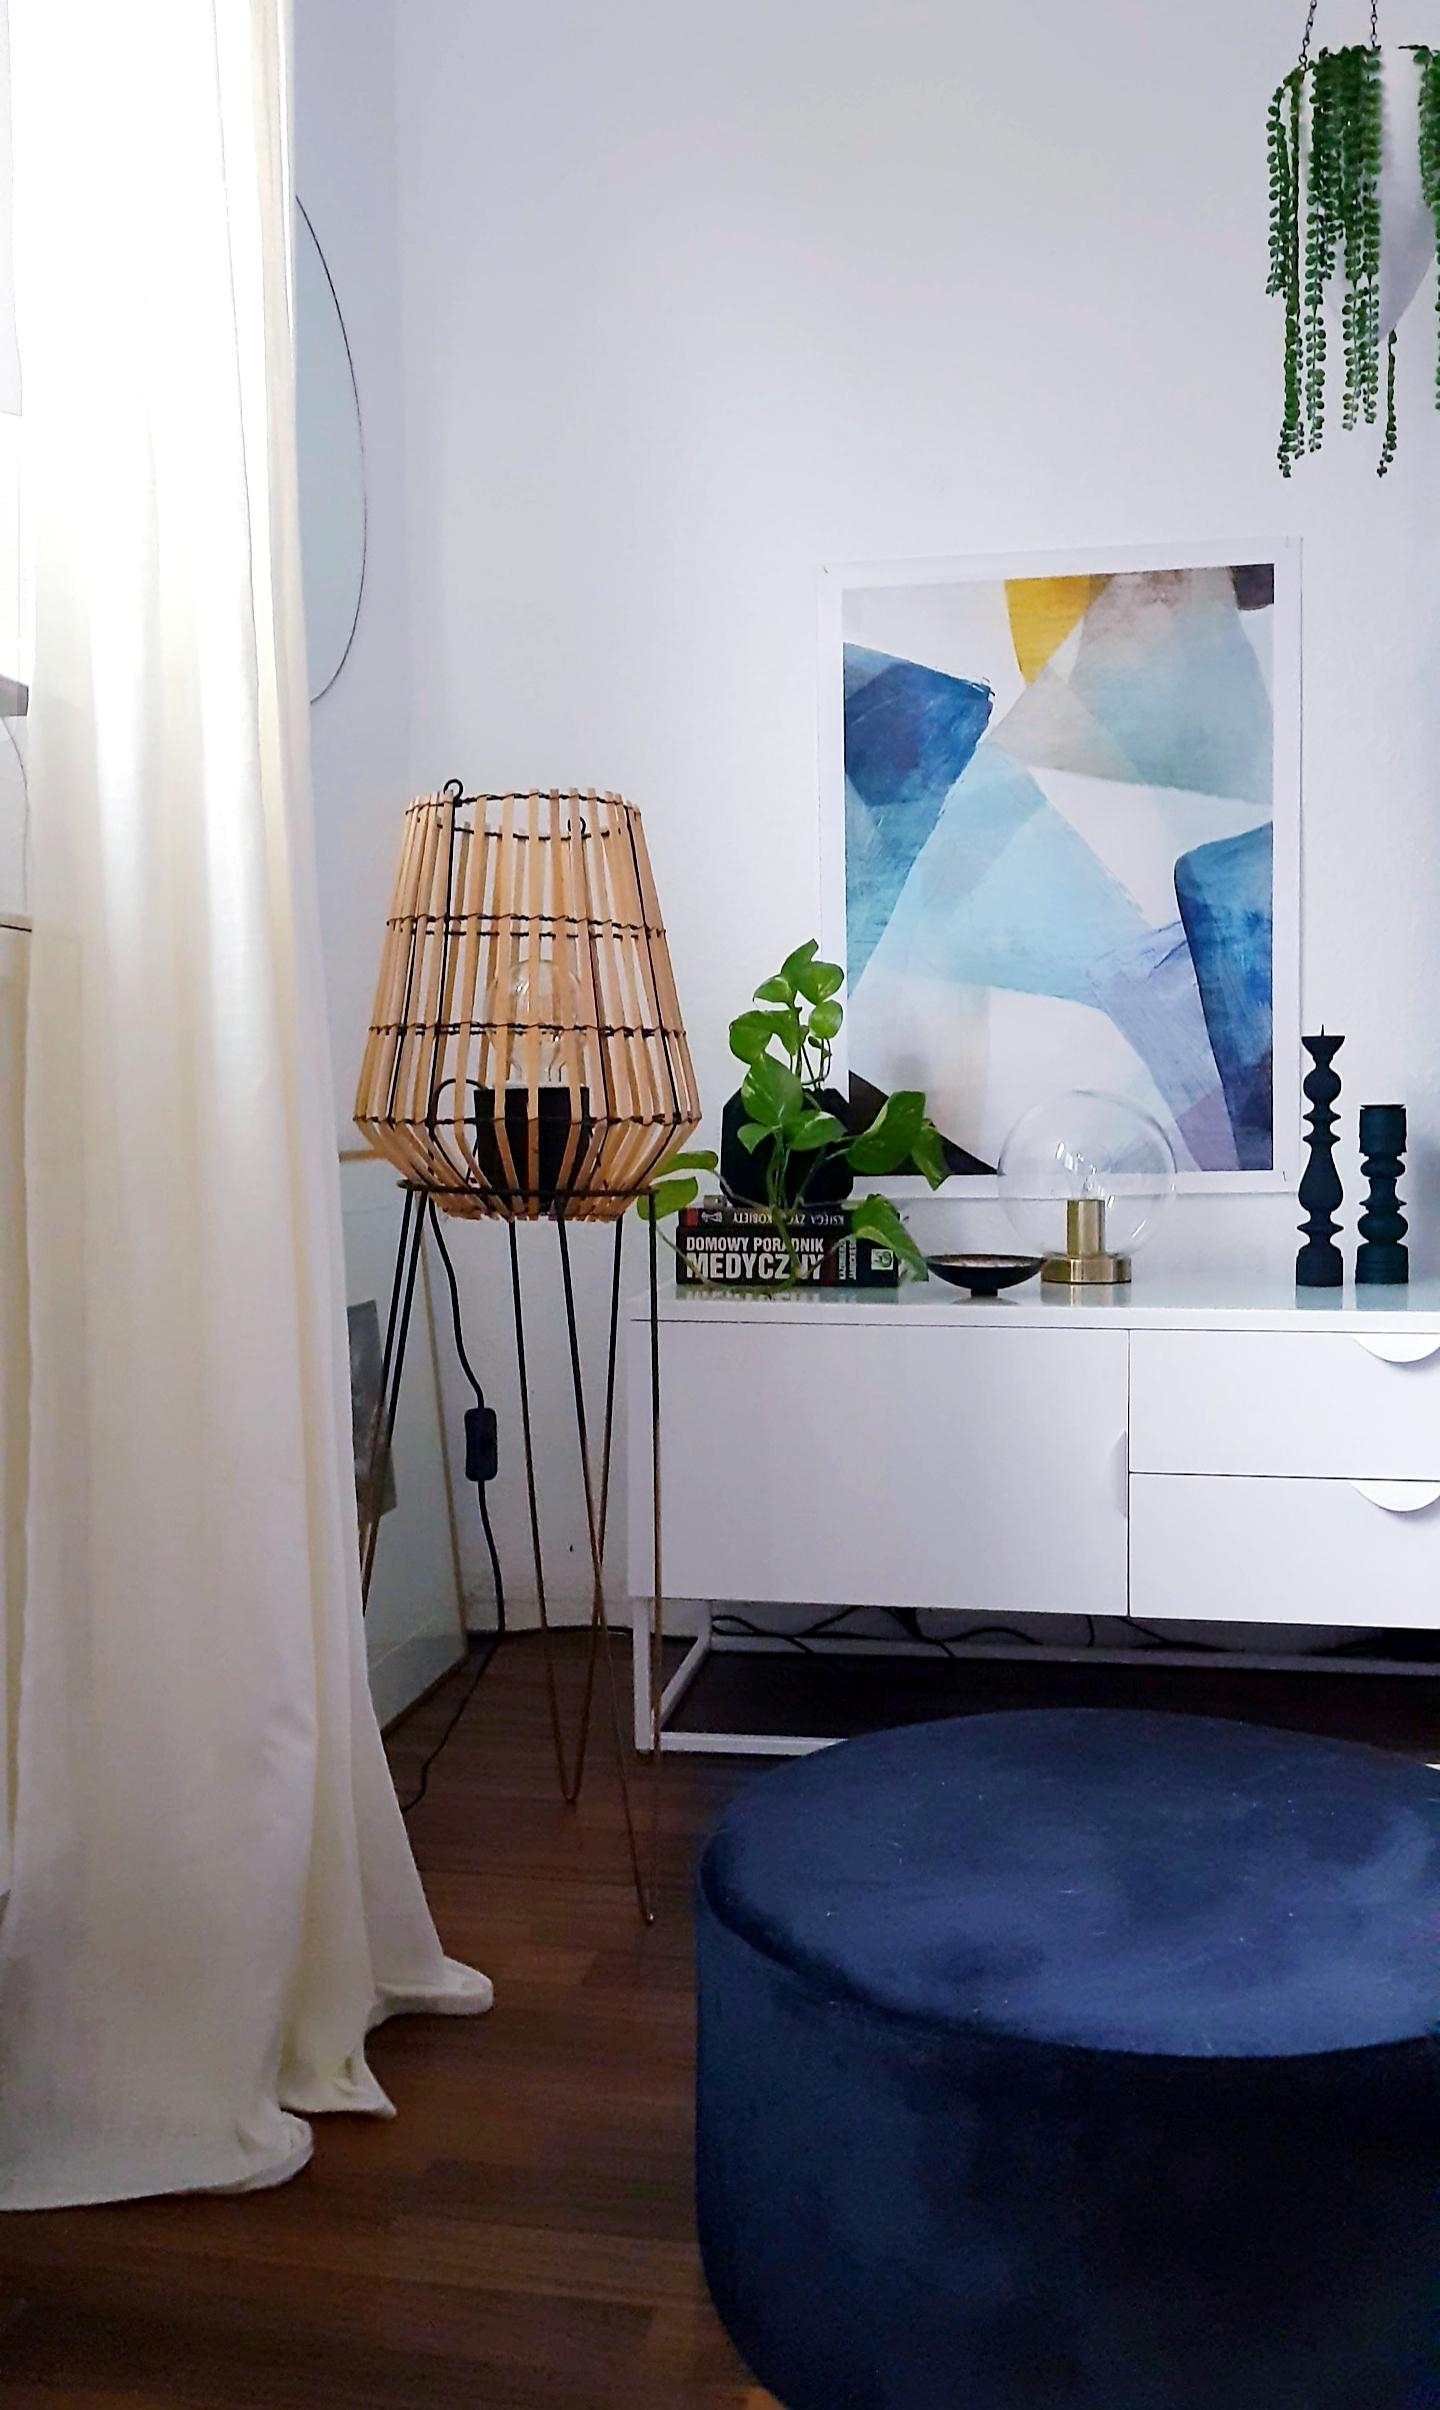 Full Size of Wohnzimmer Deko Ideen Mach Es Dir Gemtlich Teppich Für Küche Deckenleuchten Wanddeko Gardinen Tisch Deckenlampe Wohnwand Landhausstil Tagesdecken Betten Wohnzimmer Deko Für Wohnzimmer